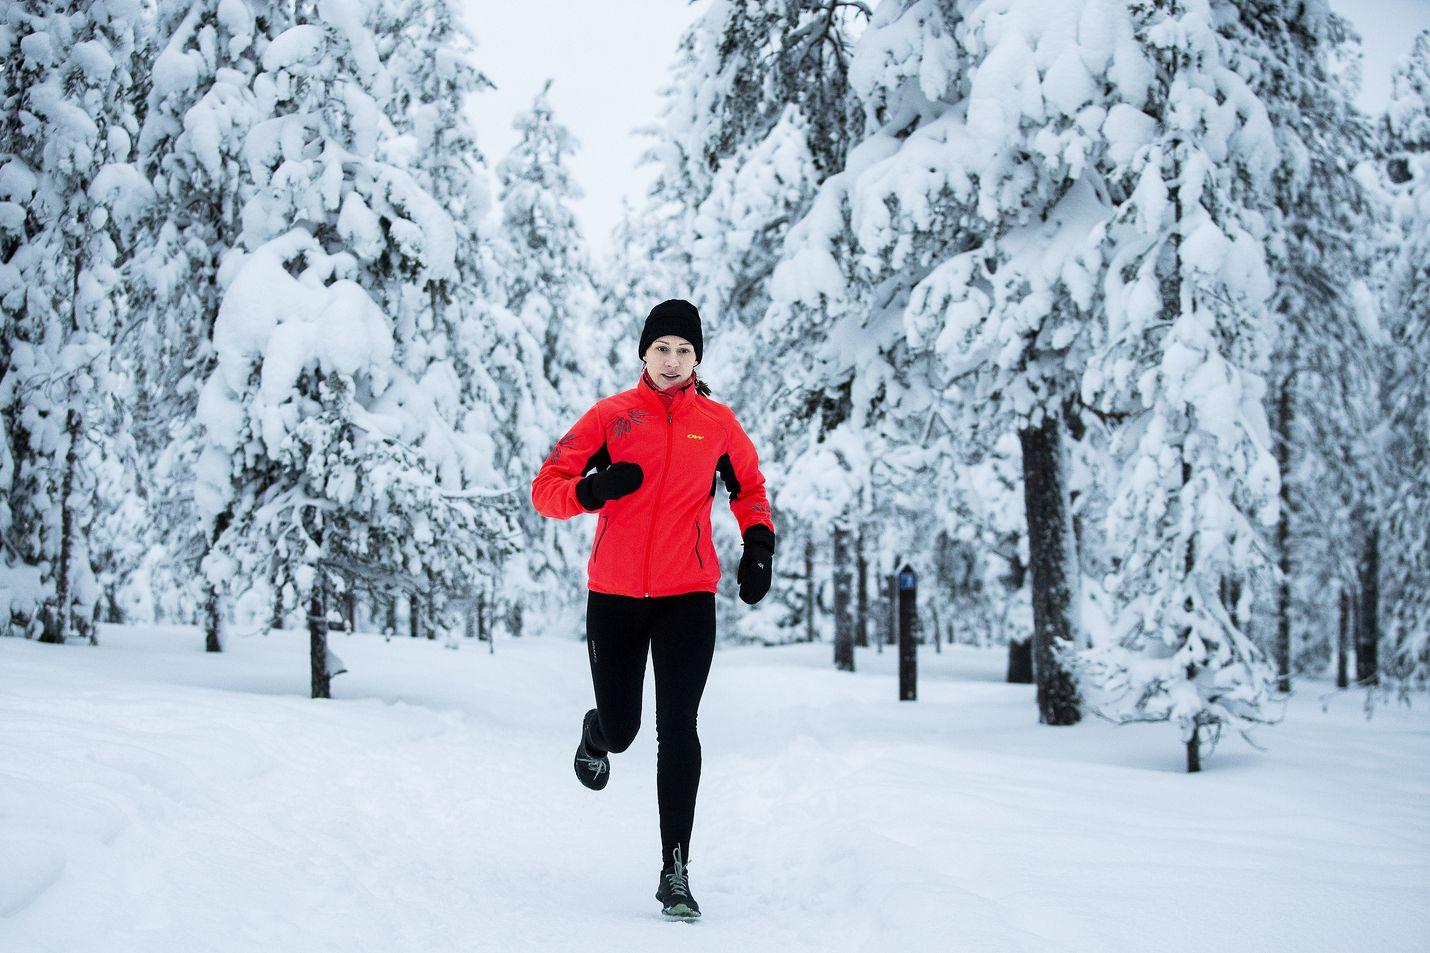 Rovaniemeläinen Heidi Rantanen juoksee kesät talvet, mieluiten poluilla. Juoksun pakkasrajana hän pitää -15 astetta. Sitä kylmemmällä juokseminen rasittaa liikaa hengityselimiä.  Hiihtämässä käyn vielä pari, kolme astetta kovemmalla pakkasella, Rantanen sanoo.